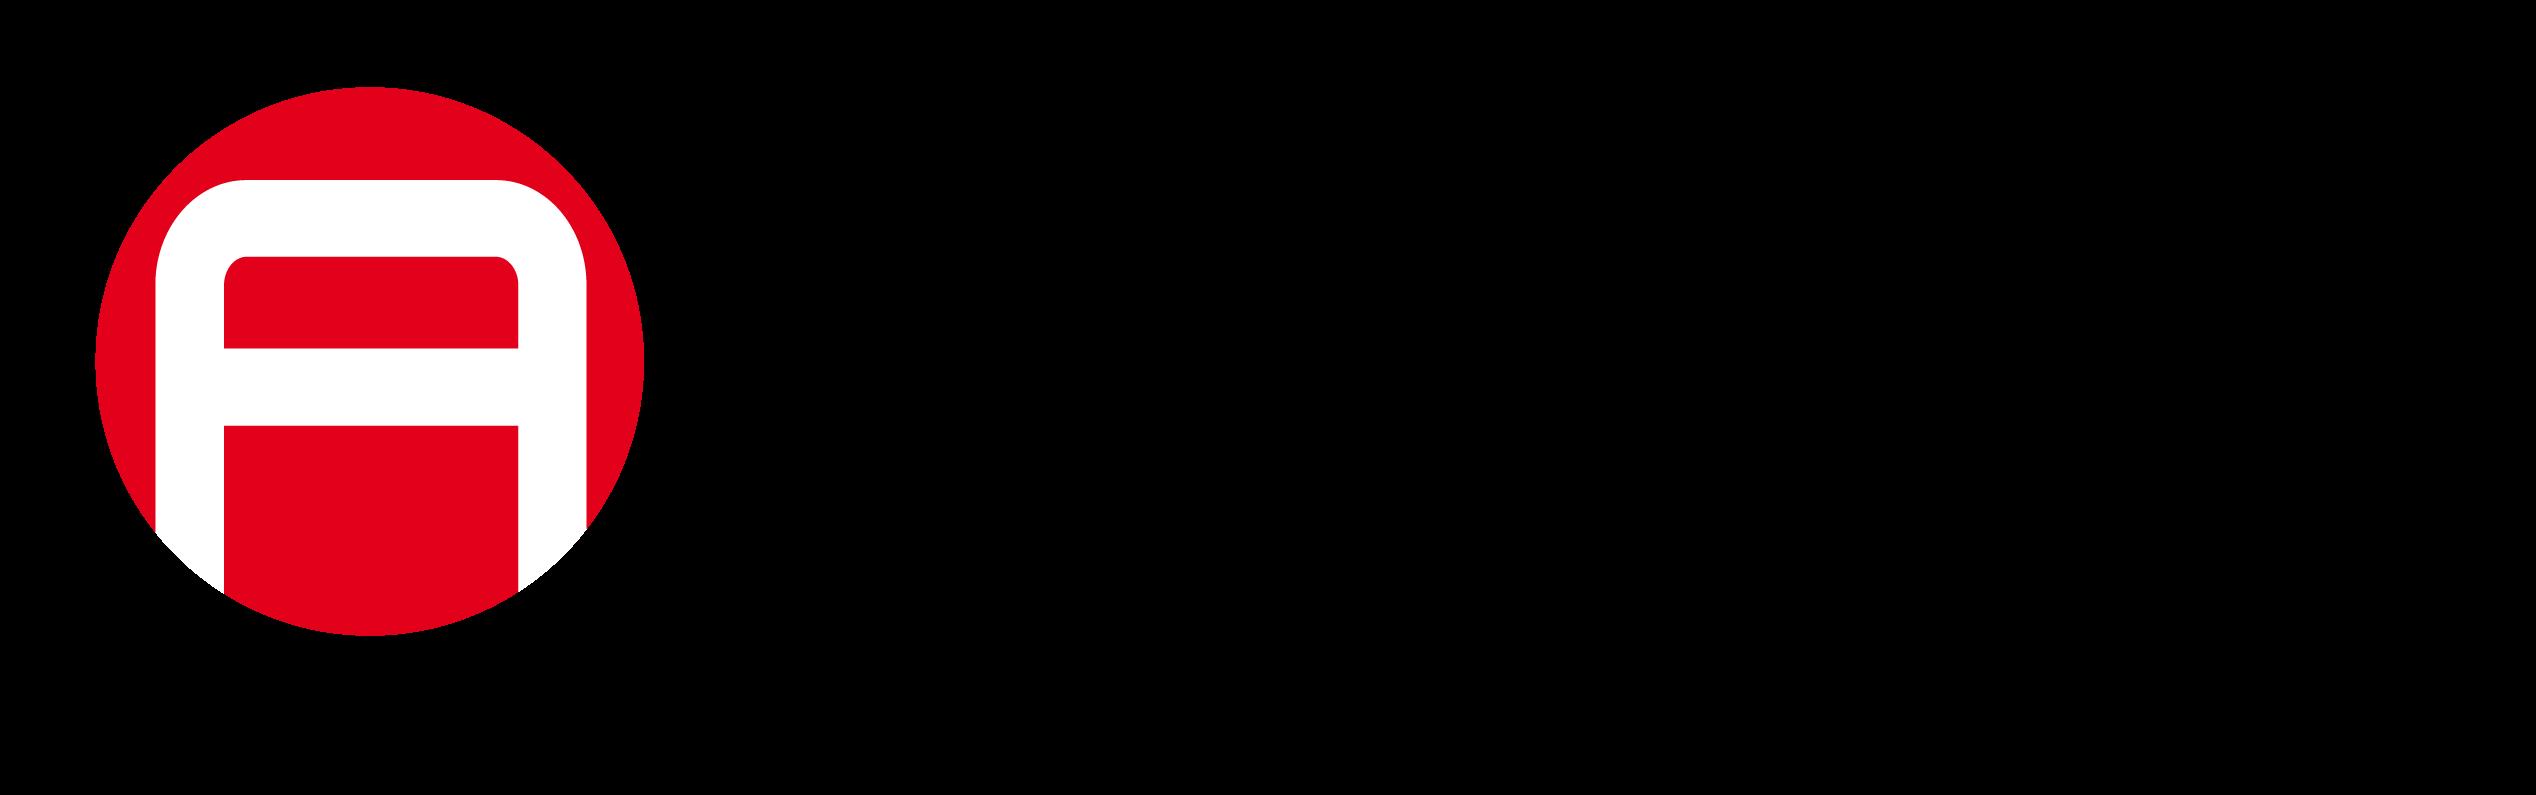 Abalt's logo